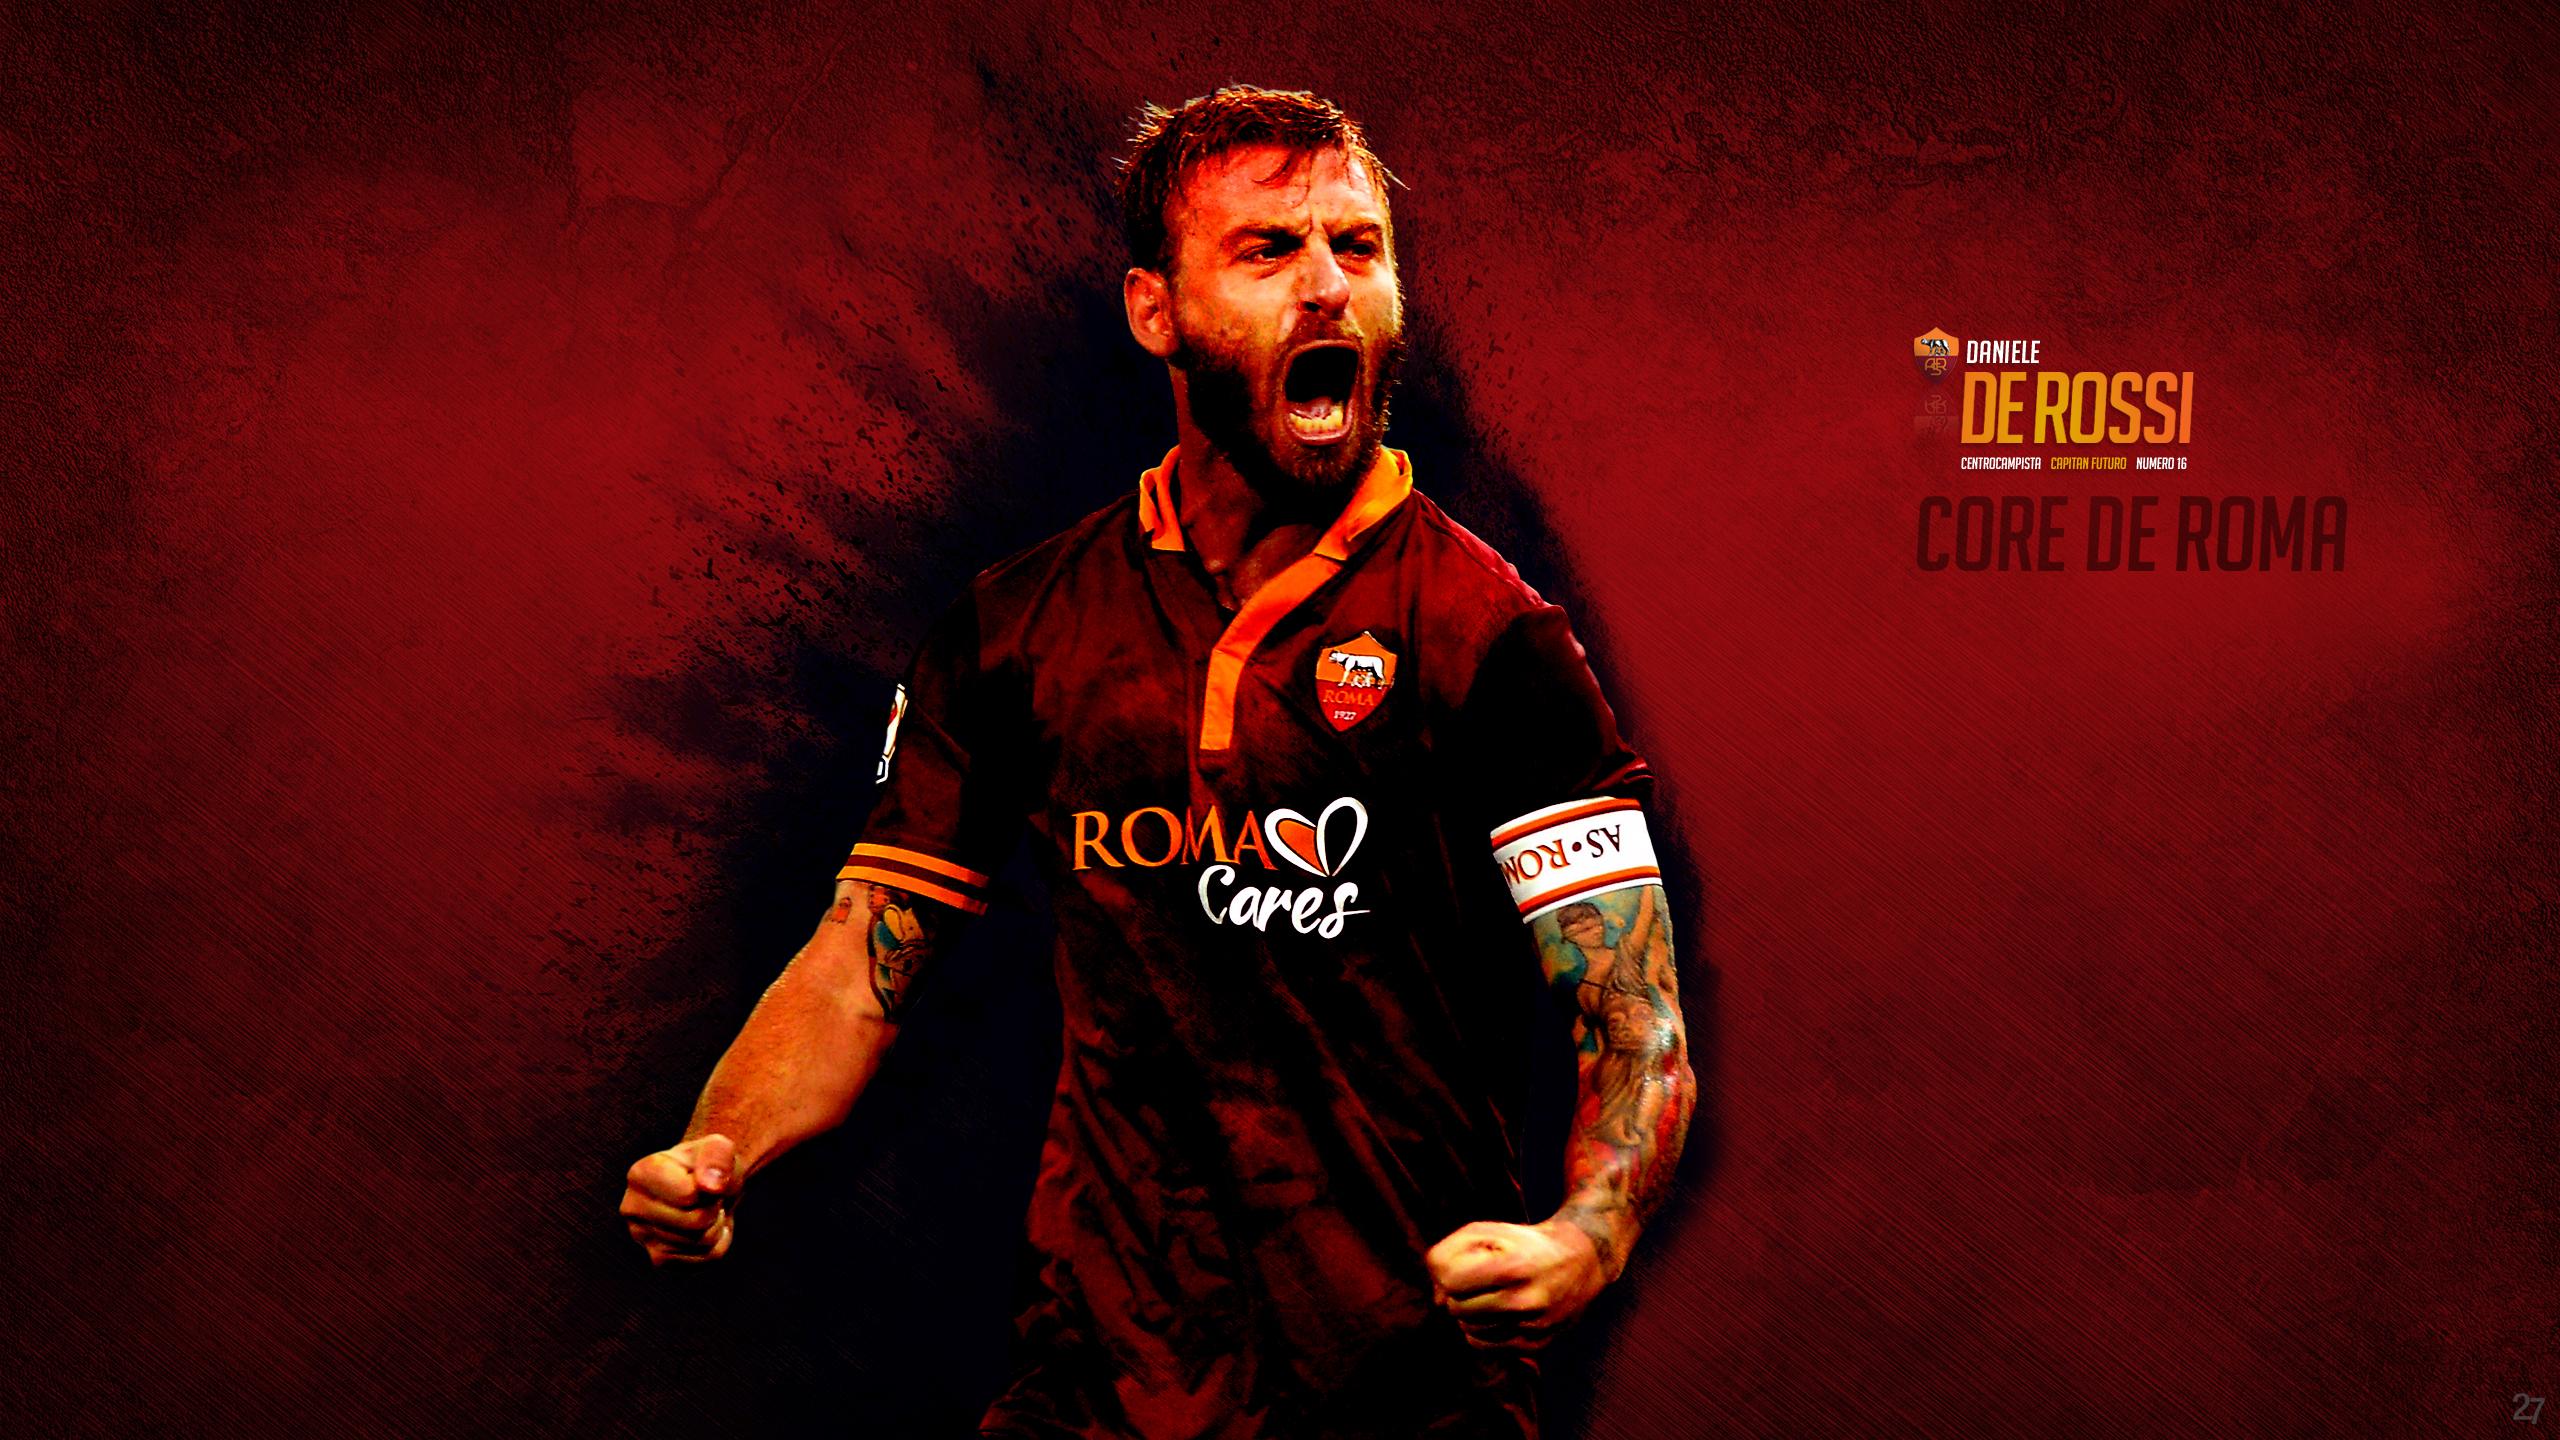 Daniele De Rossi – Core de Roma – Forza27